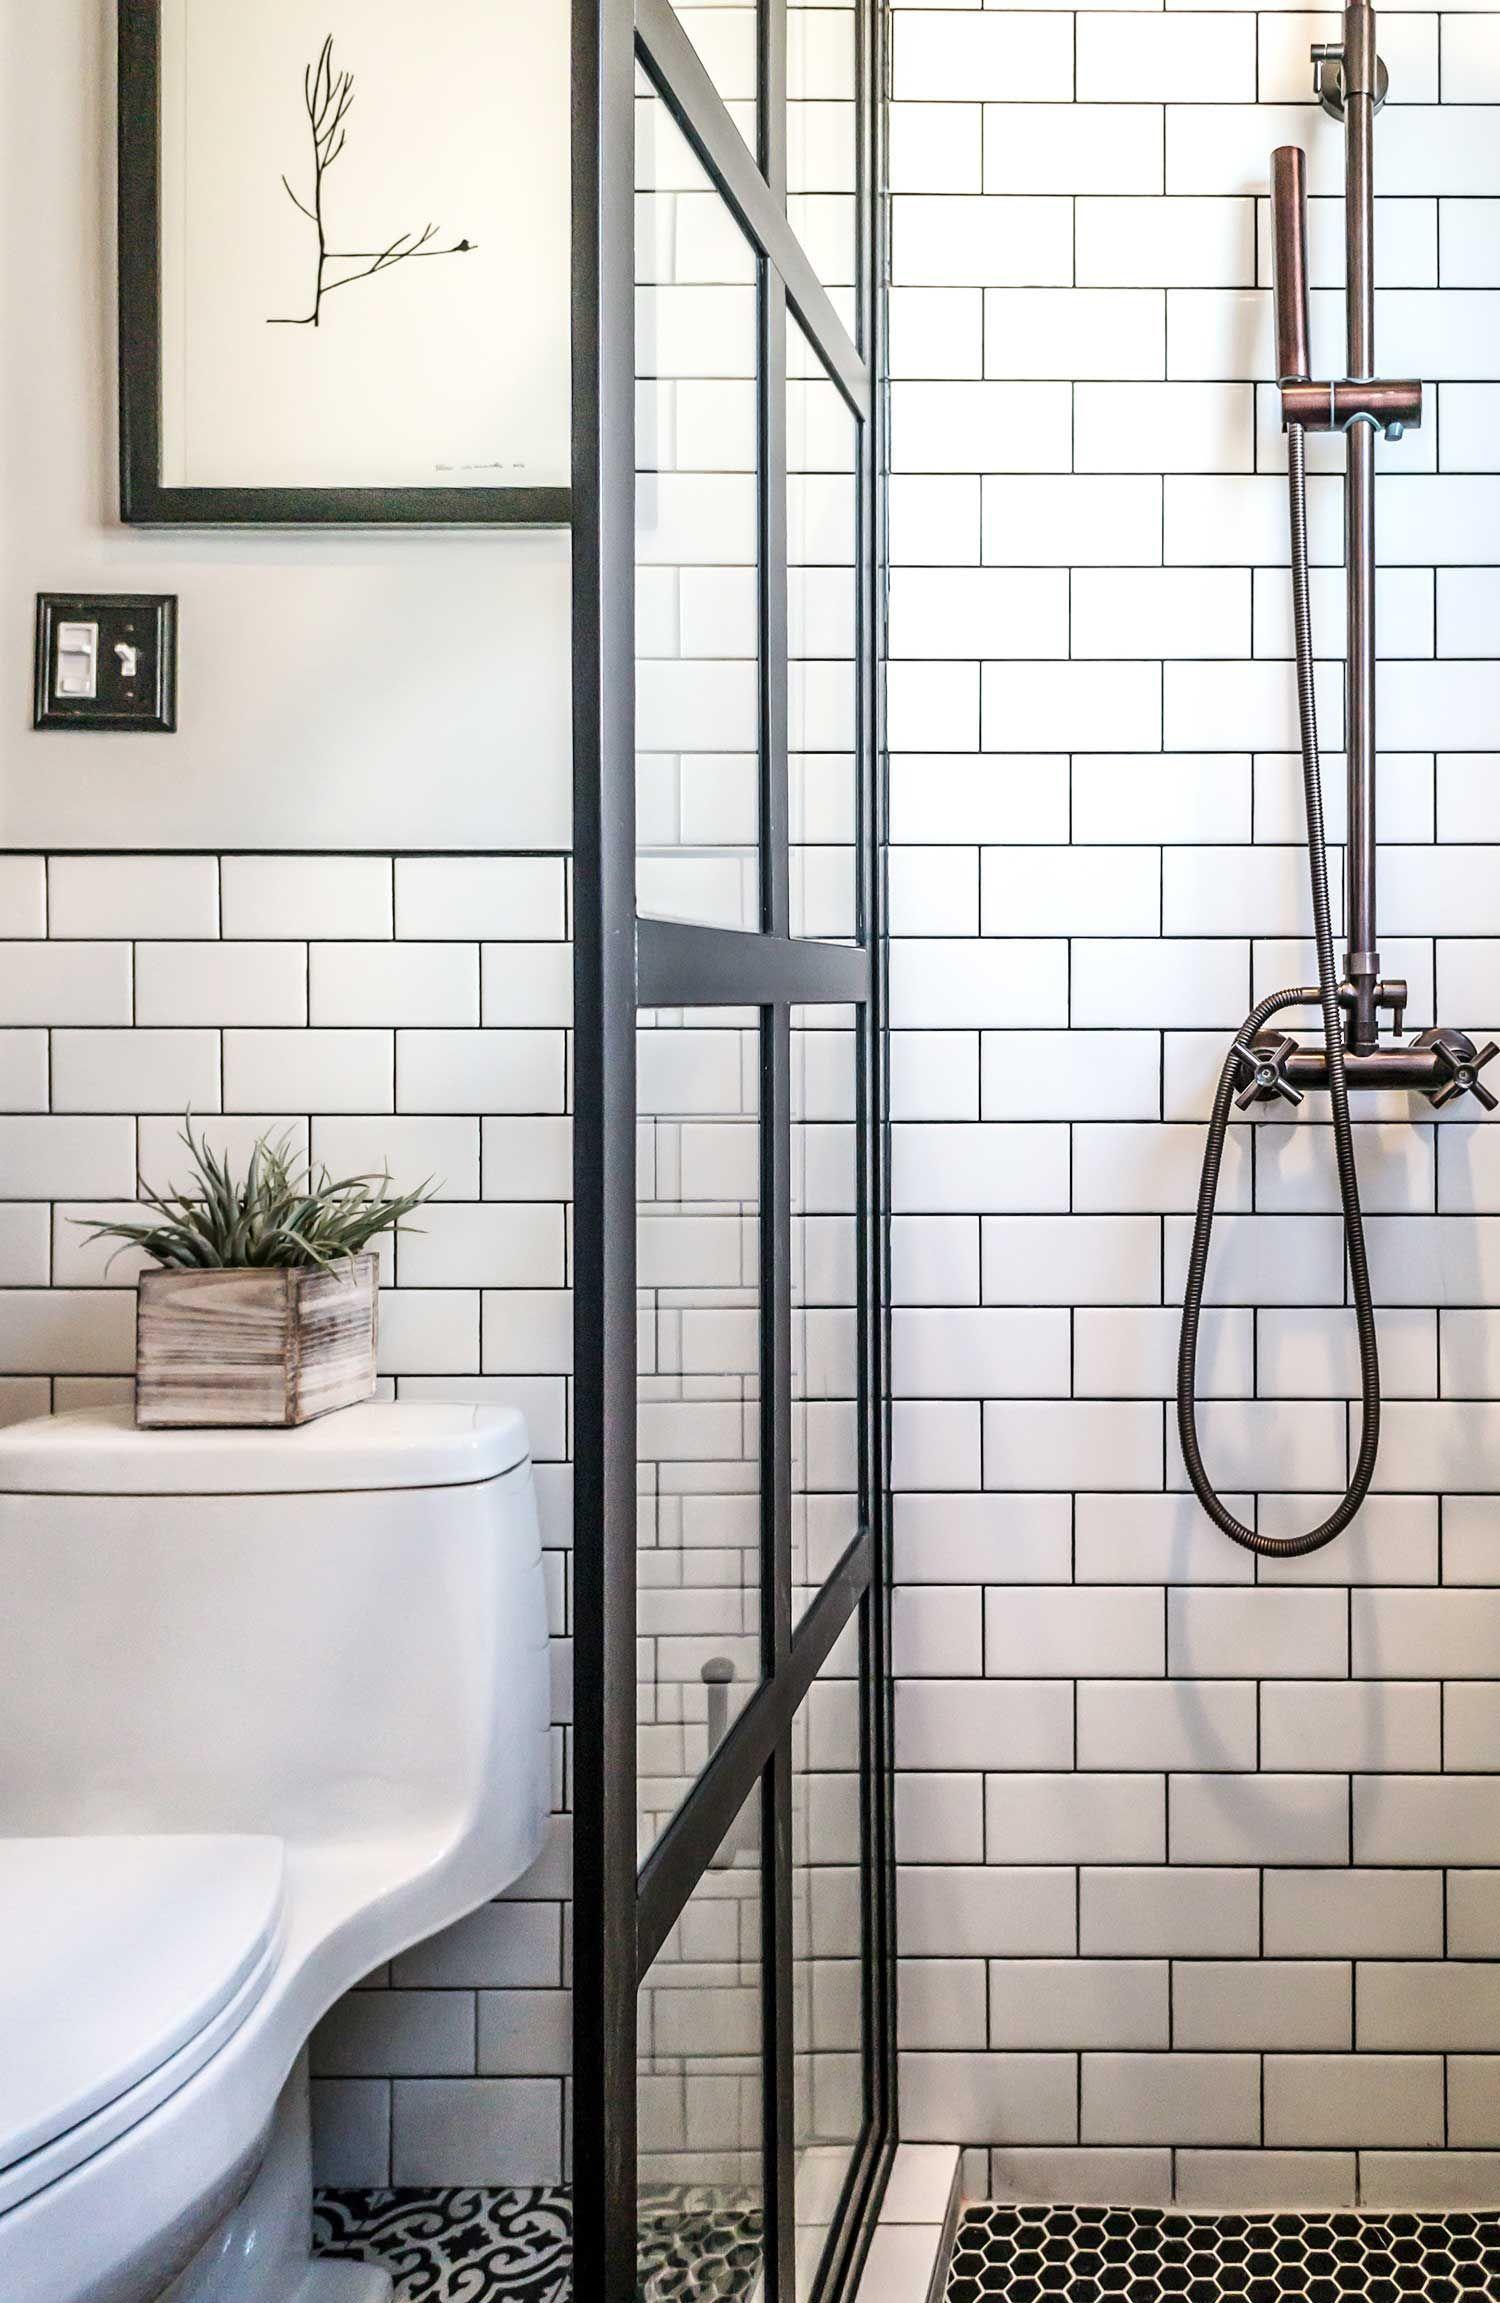 61+ Bathroom Tile Ideas | Small bathroom designs, Tile ideas and ...